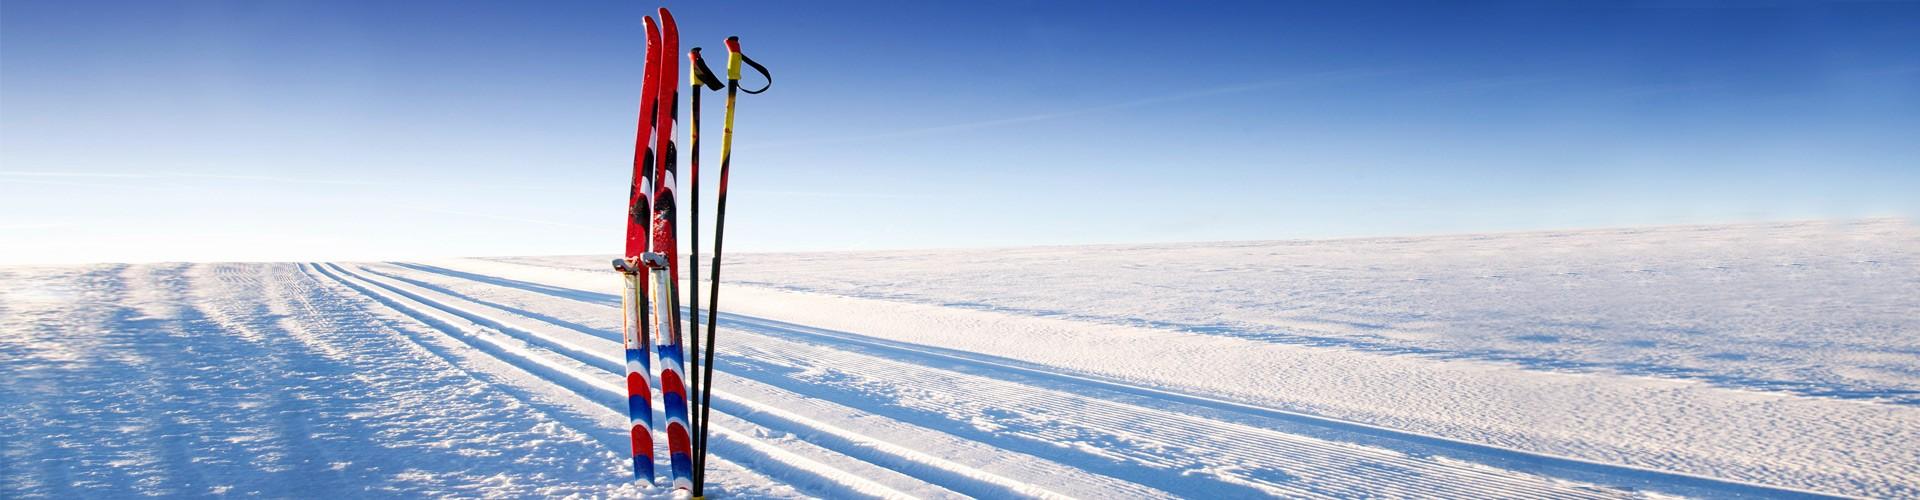 Langlaufausrüstung Skier